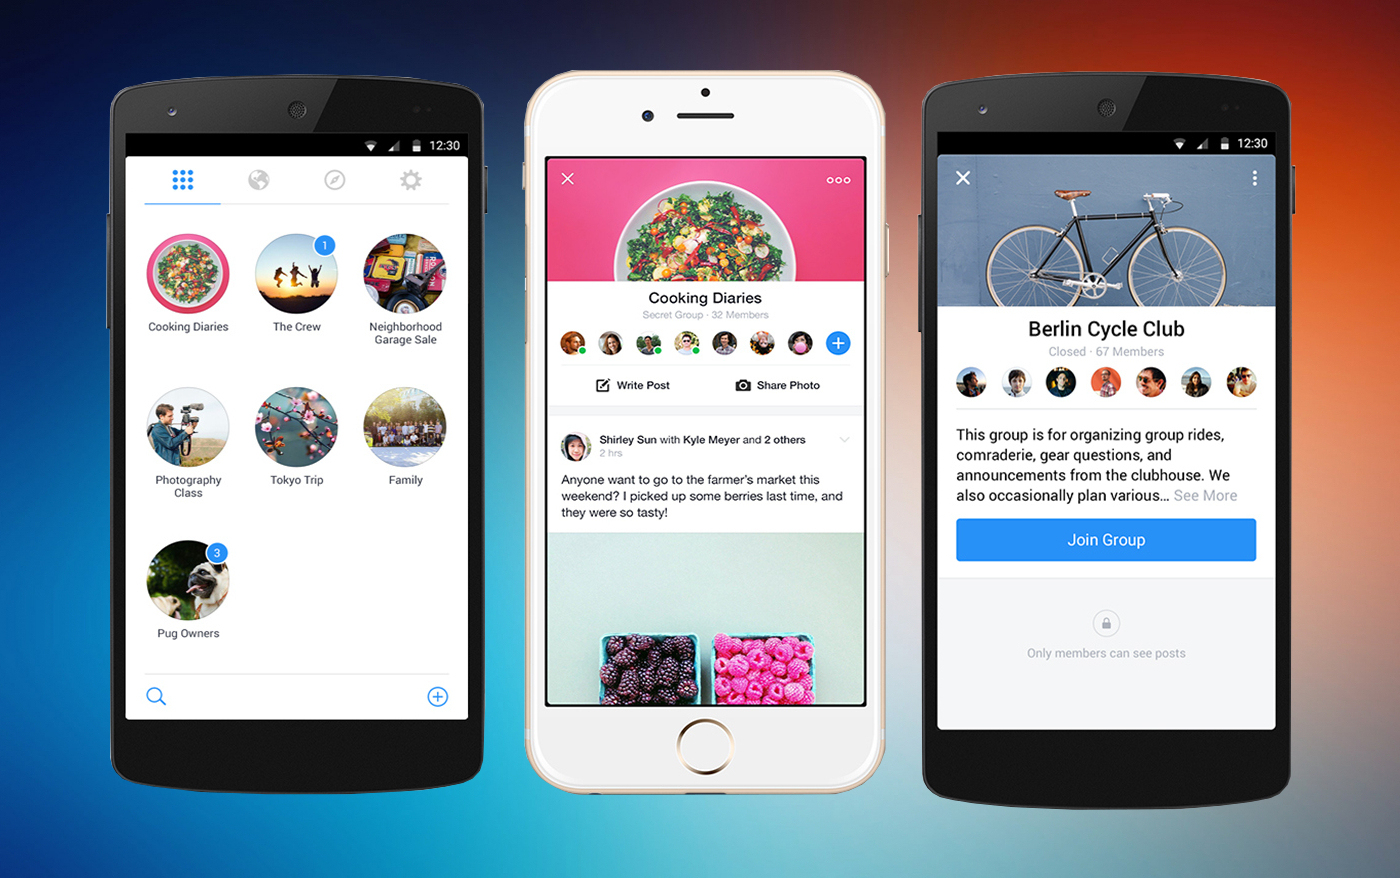 Una nueva aplicación de Facebook para gestionar los grupos